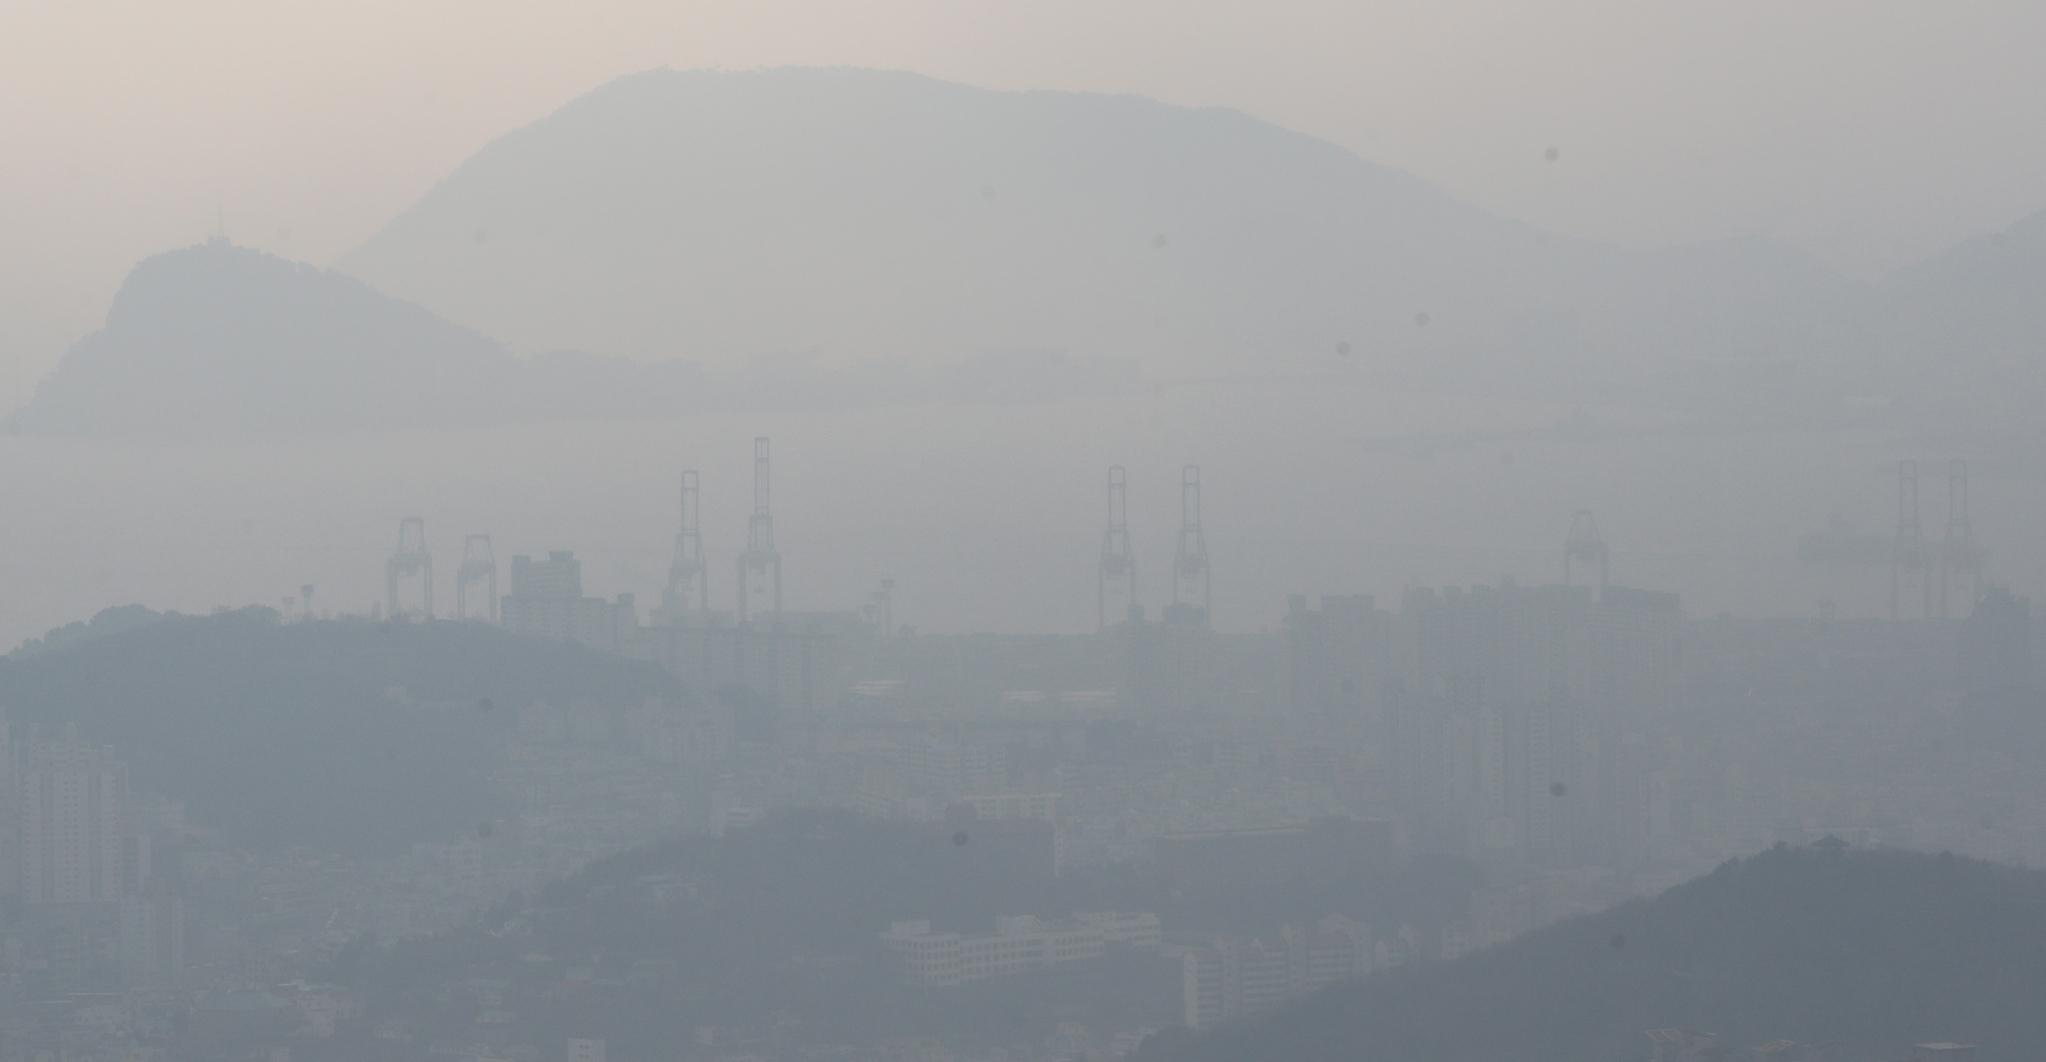 전국 대부분 지역에서 초미세먼지 농도가 '나쁨' 수준을 보이며 수도권에 올해 첫 미세먼지 비상저감조치가 시행 된 13일 오전 부산 남구 황련산에서 바라본 부산 시내가 뿌옇게 보이고 있다.송봉근 기자